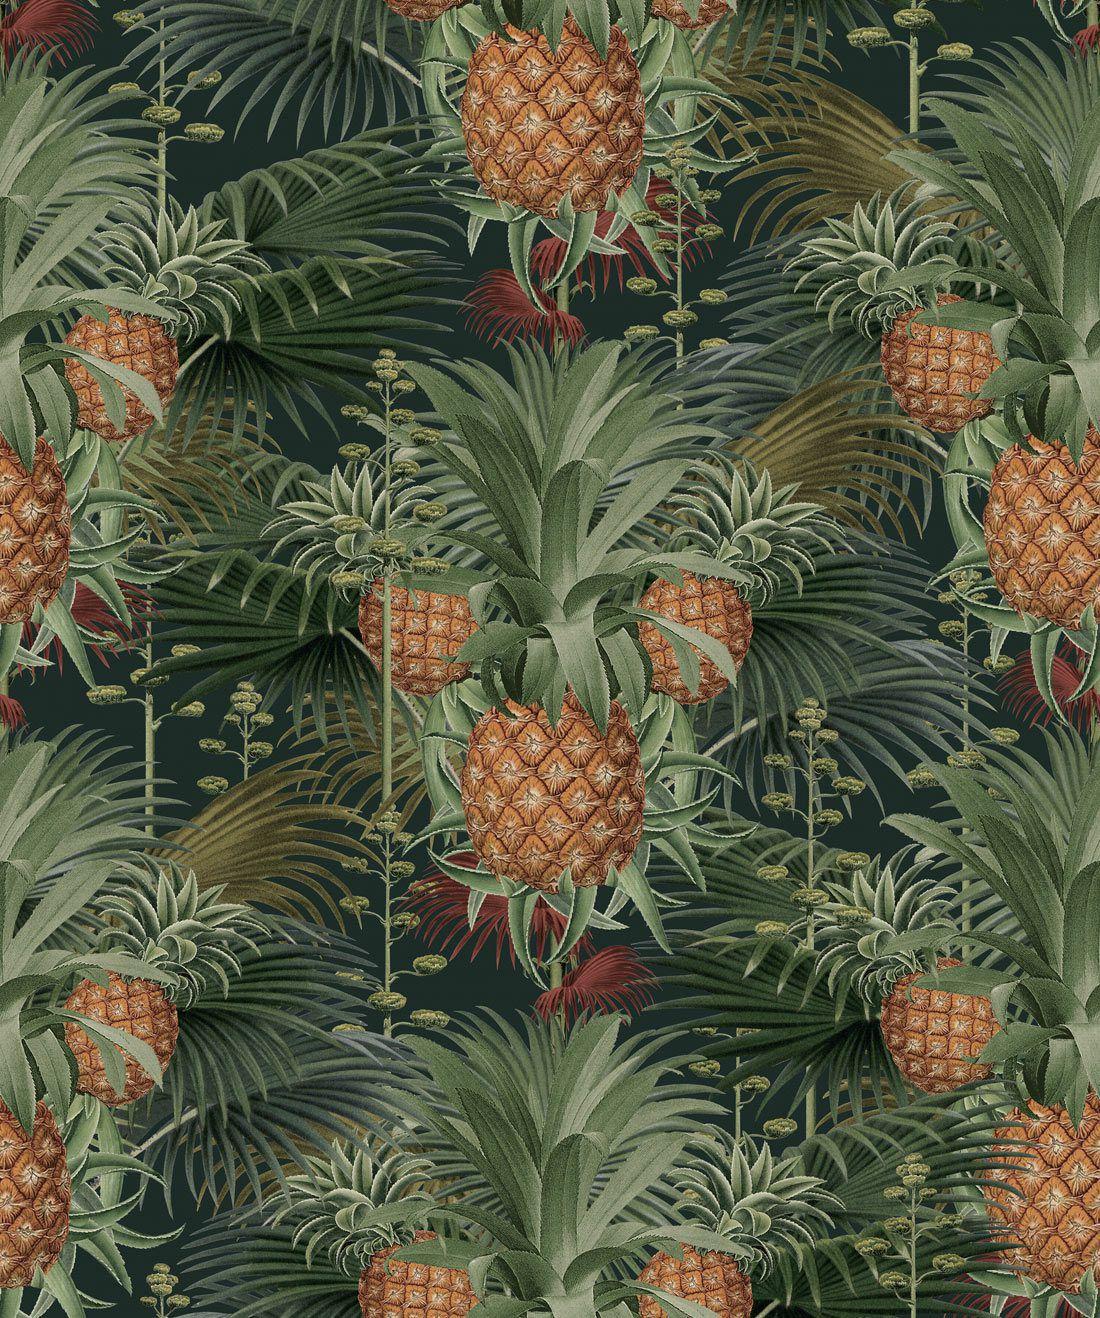 Pineapple Harvest Night